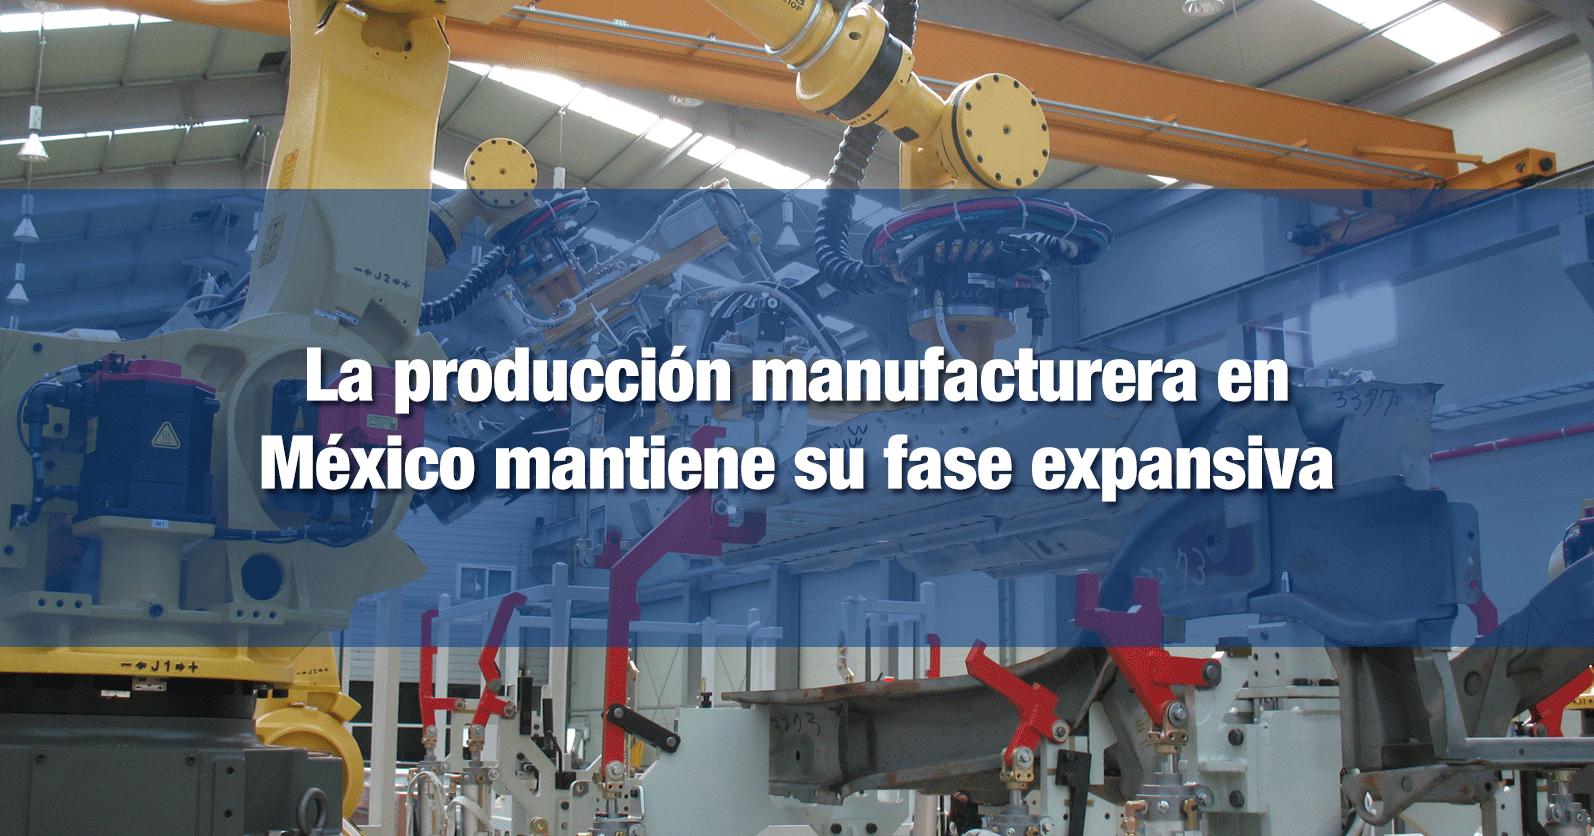 La producción manufacturera en México mantiene su fase expansiva